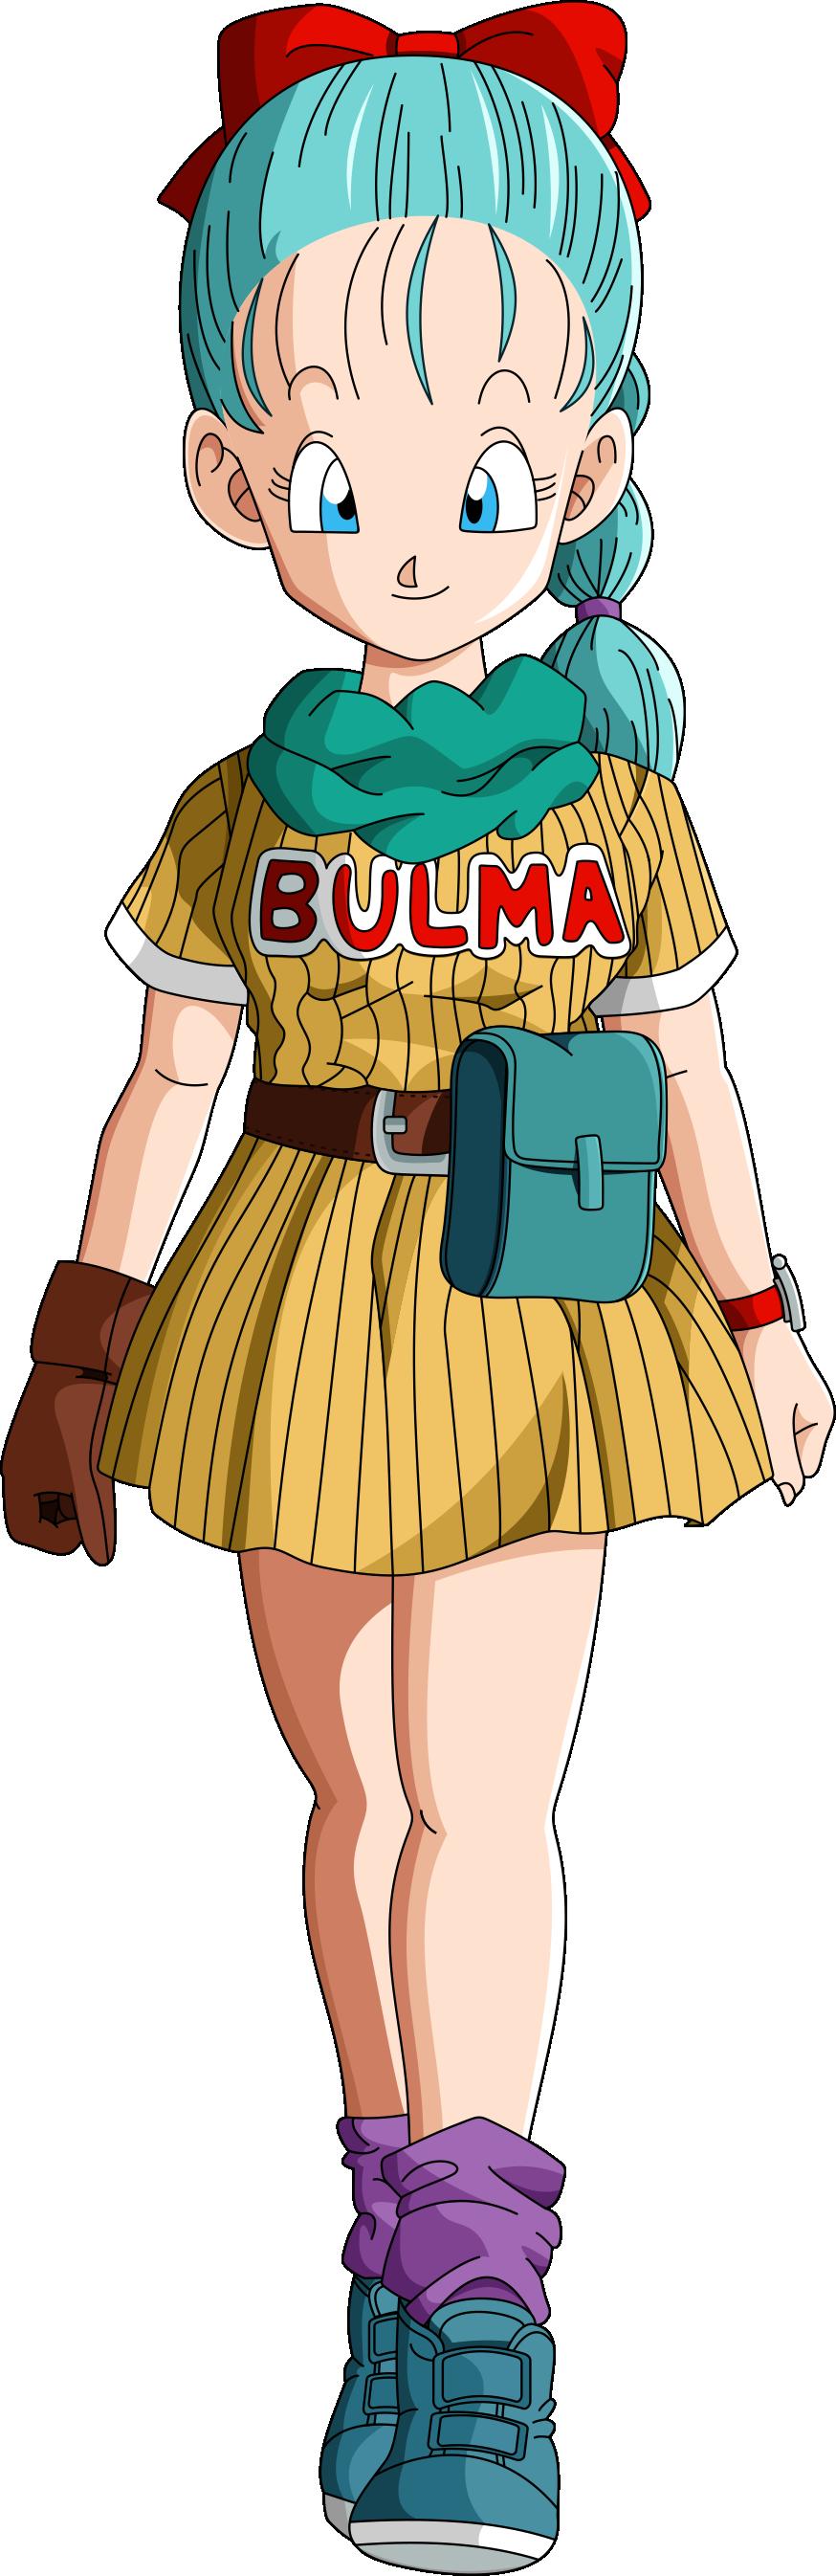 Dbz bulma free pic 87